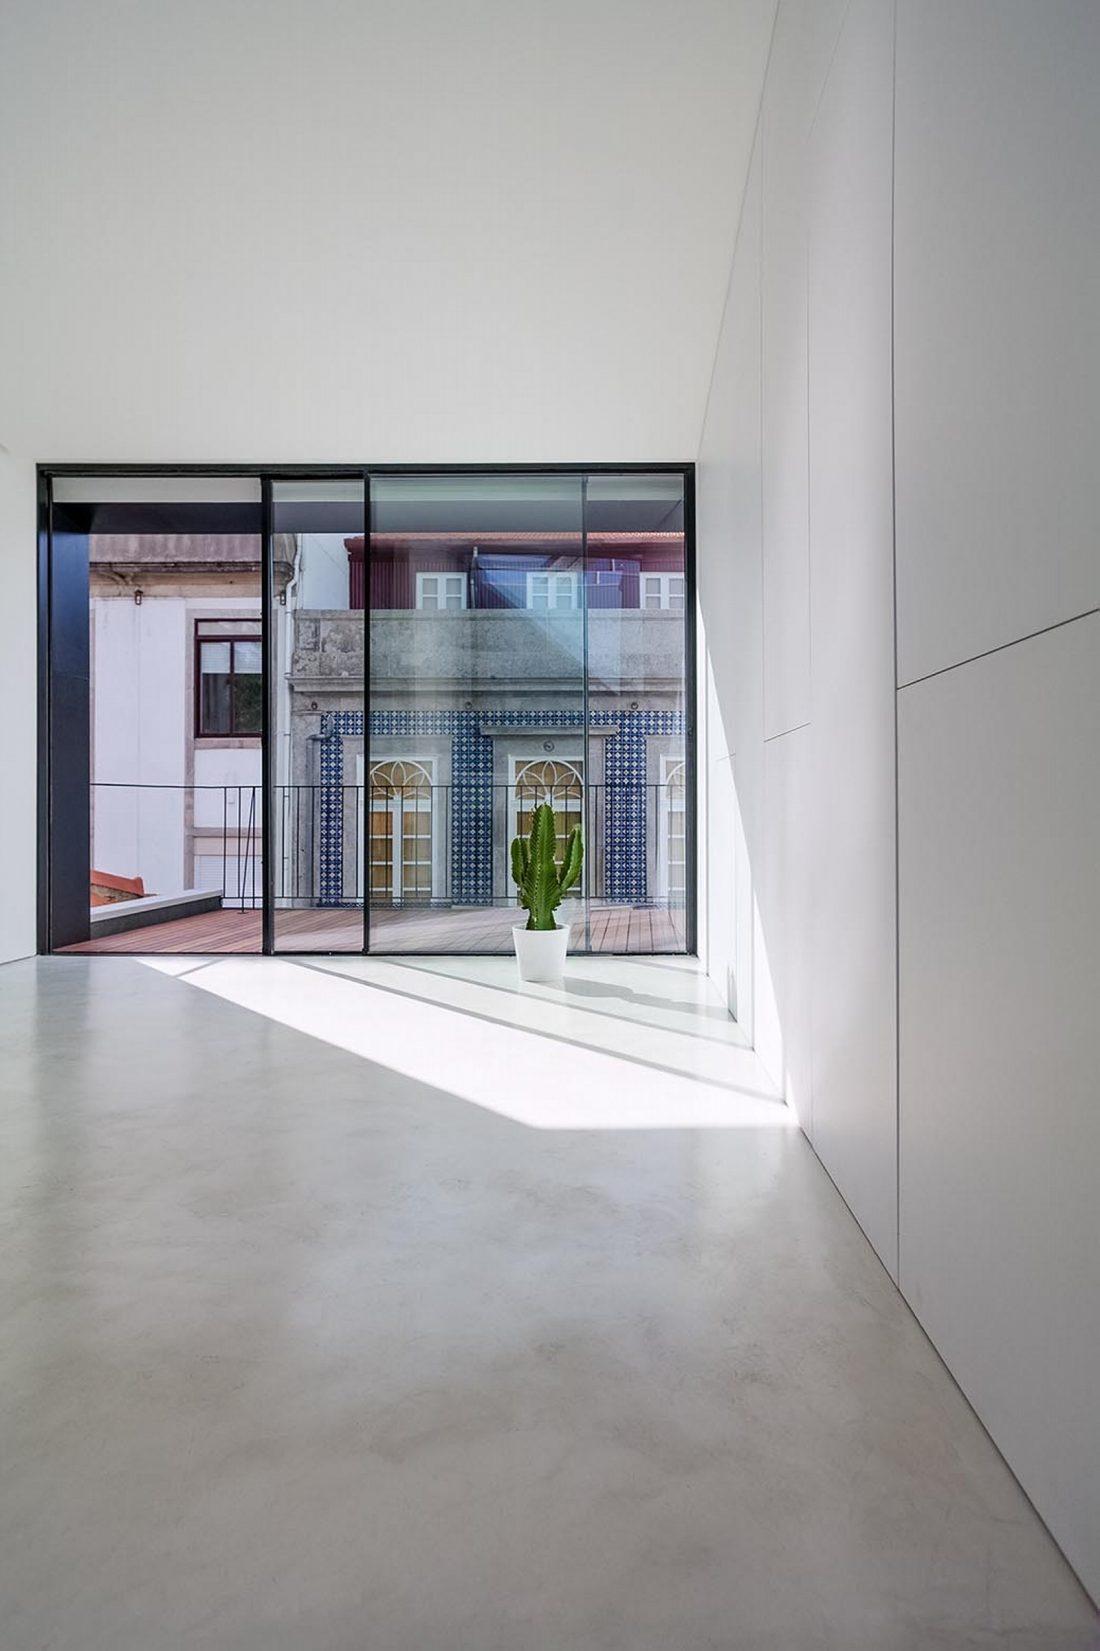 Реконструкция старинного дома Bonjardim House в Португалии по проекту ATKA arquitectos 17